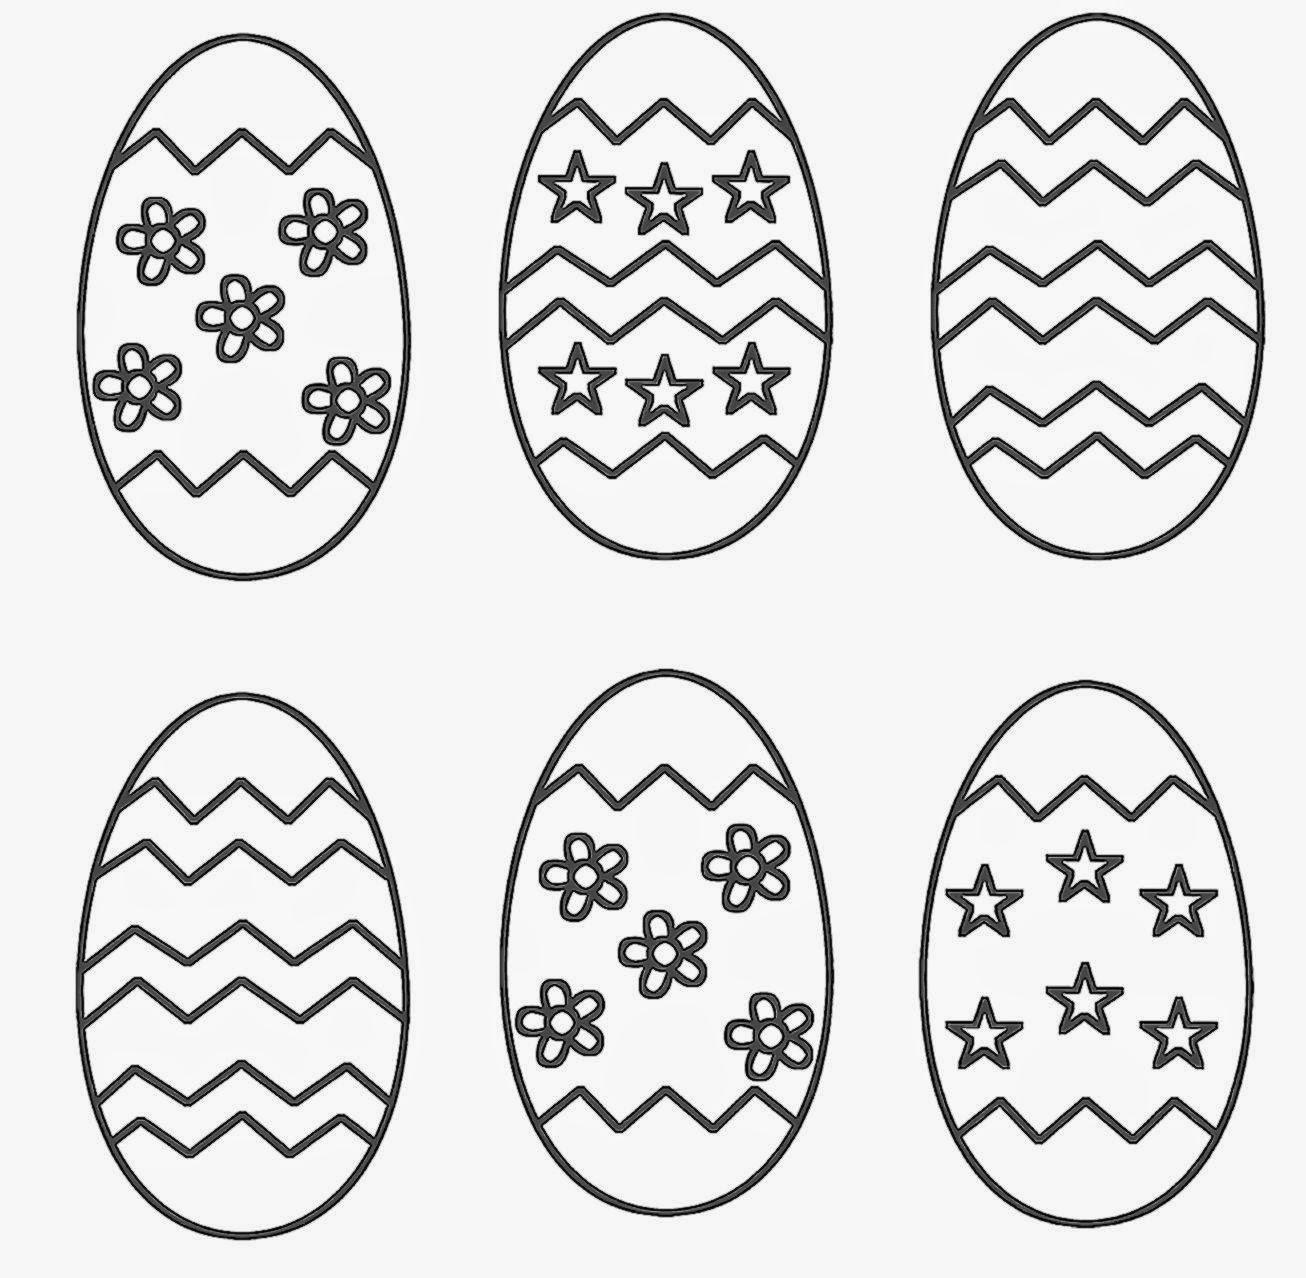 easter egg color page ornate easter egg coloring page free printable coloring egg easter color page